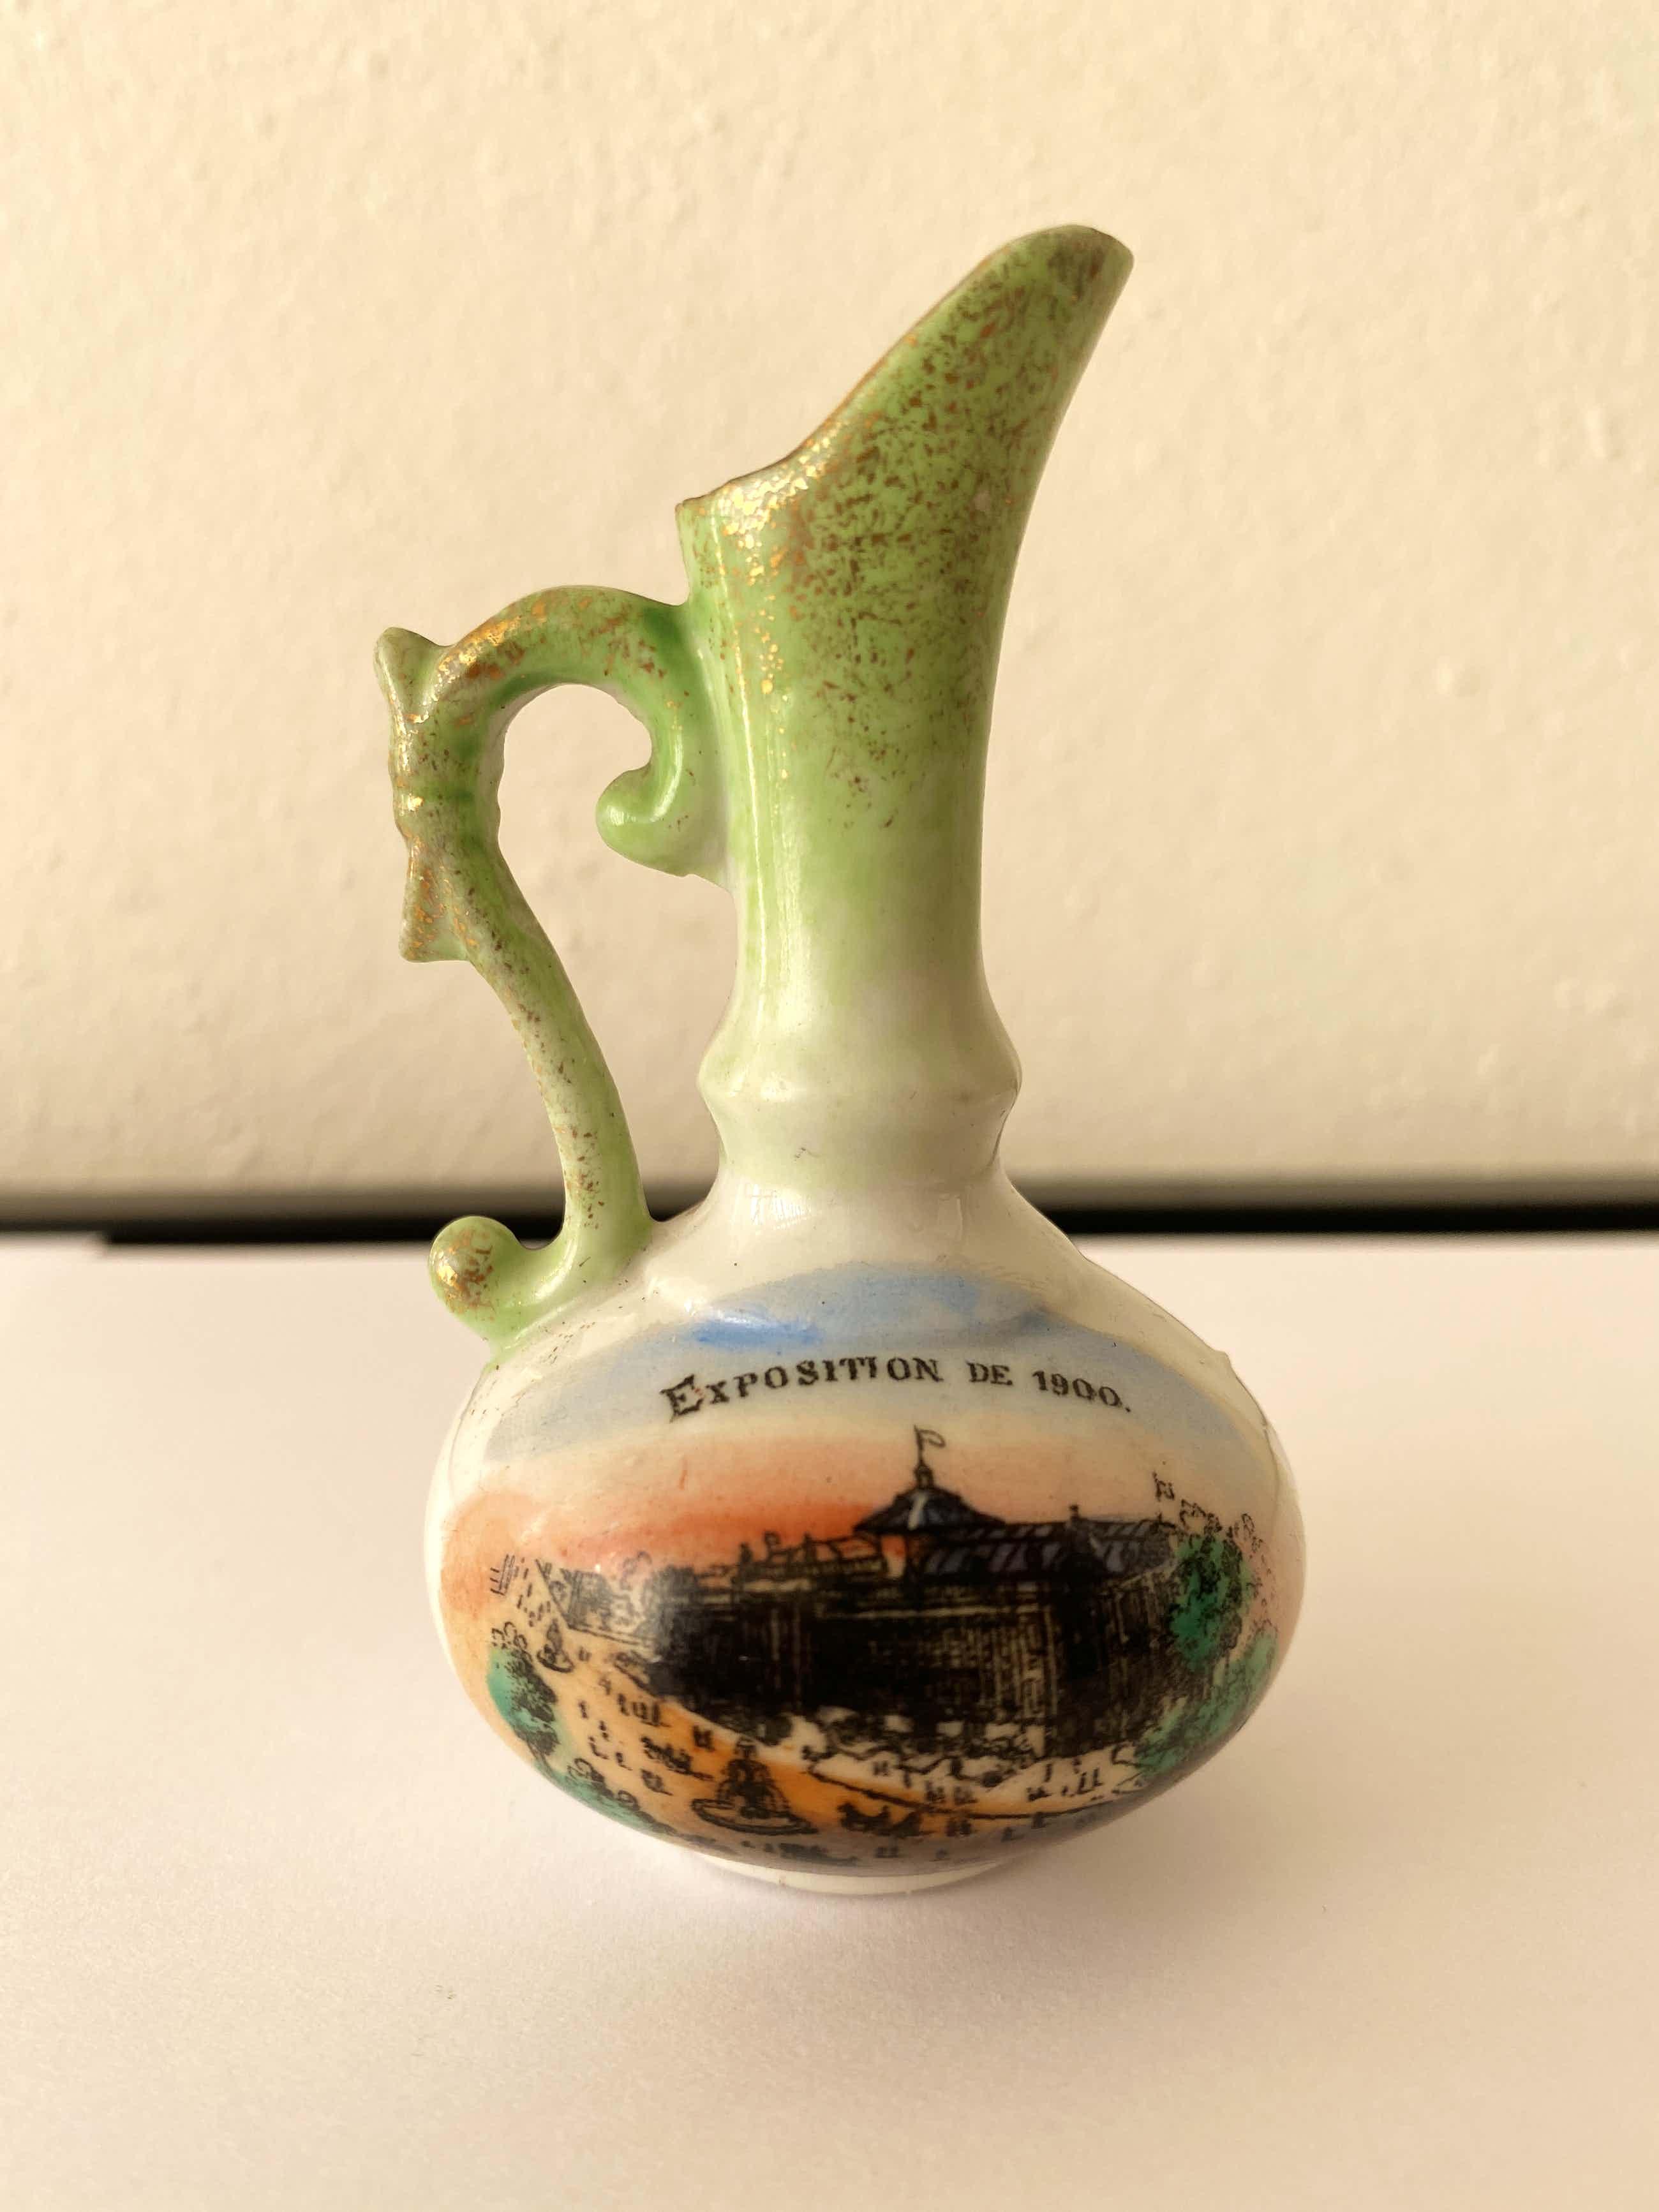 Niet of onleesbaar gesigneerd - Vaasje wereldtentoonstelling Parijs 1900 kopen? Bied vanaf 5!